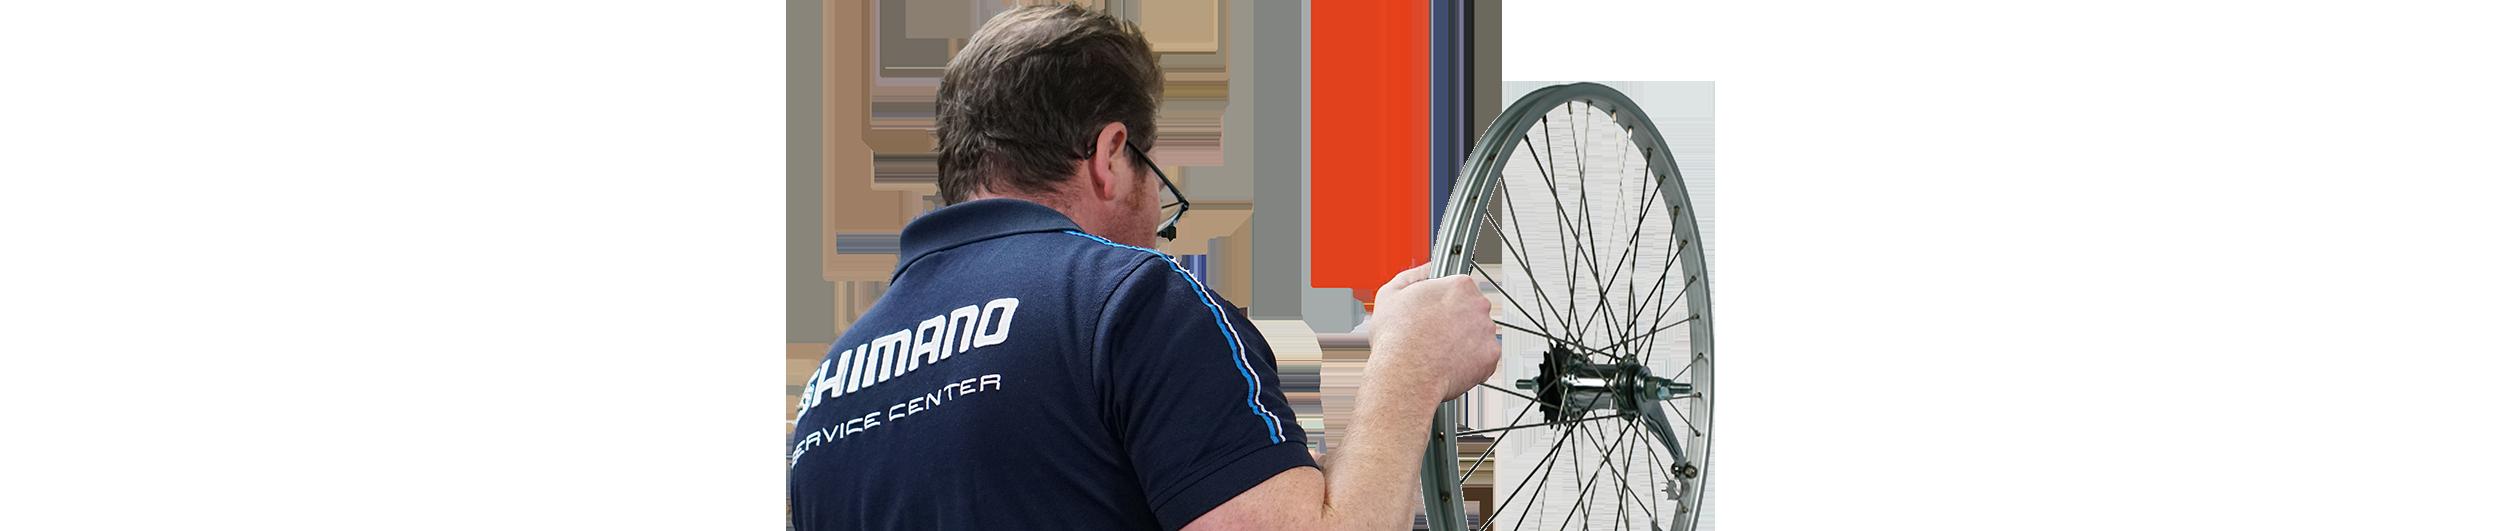 Vacature commercieel fietstechnicus